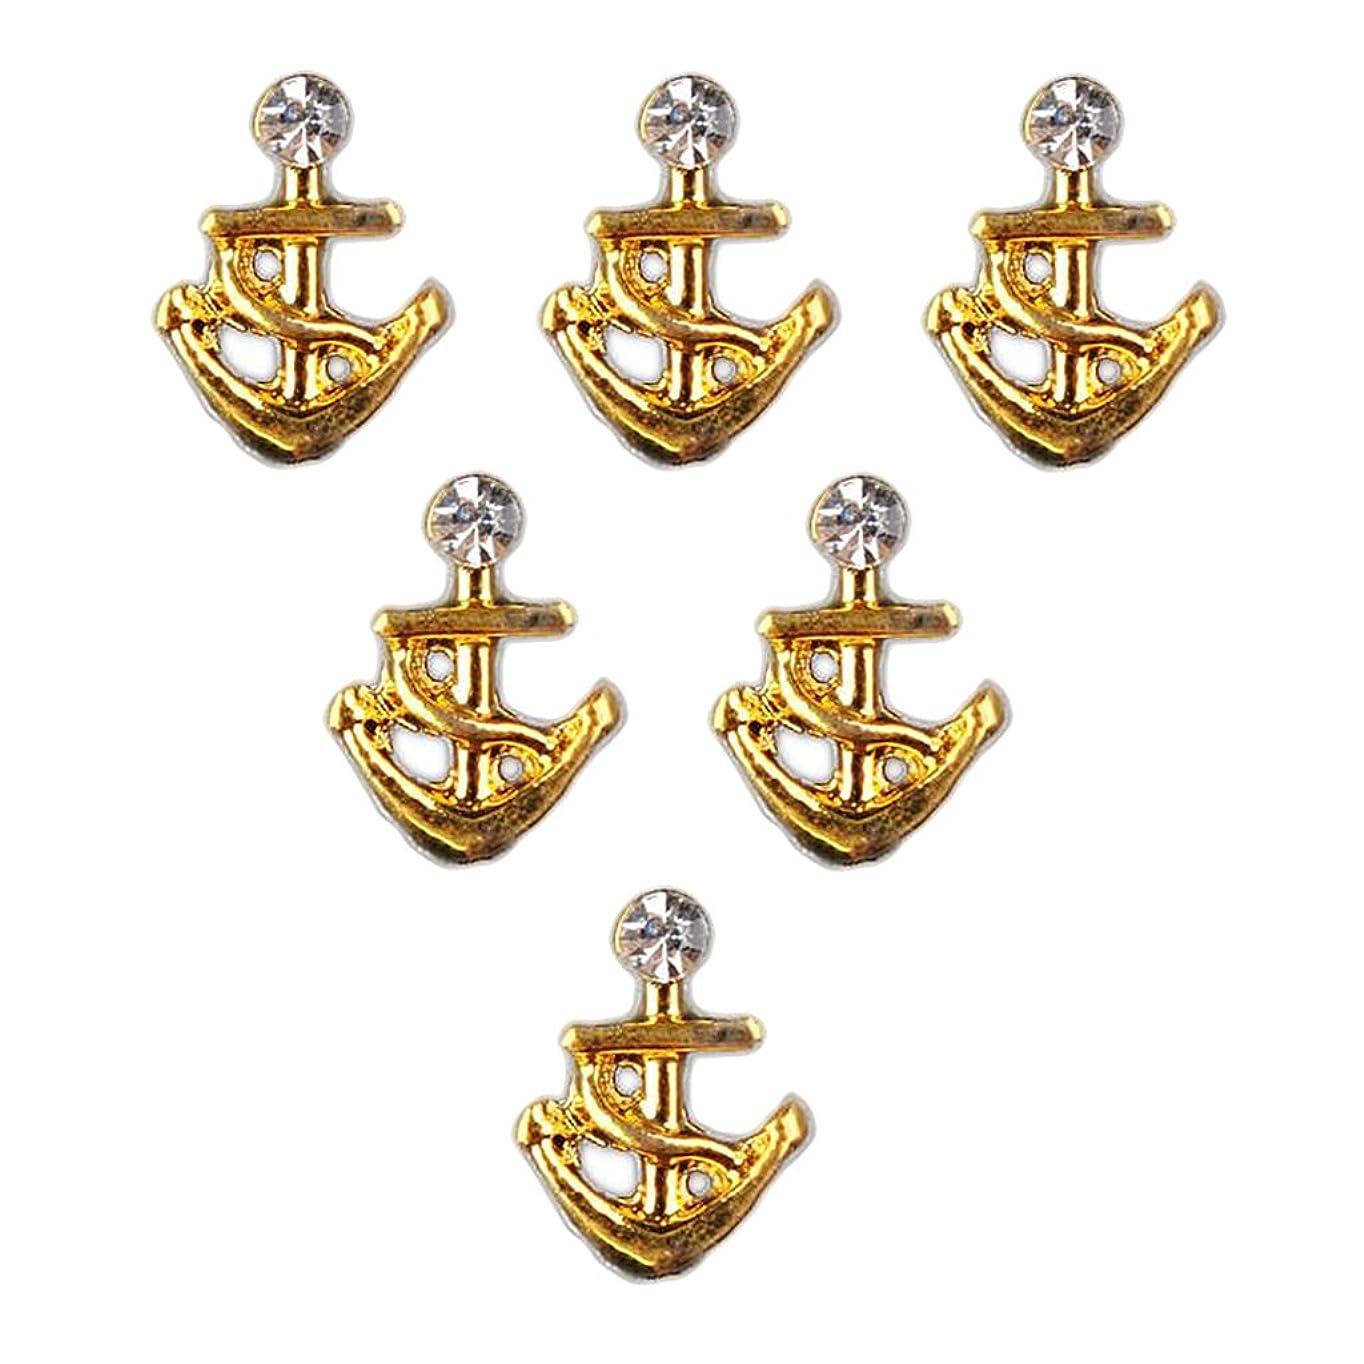 論文標準国旗Perfk ネイル ネイルデザイン ダイヤモンド 約50個 3Dネイルアート ヒントステッカー 装飾 おしゃれ 全8タイプ選べ - 1